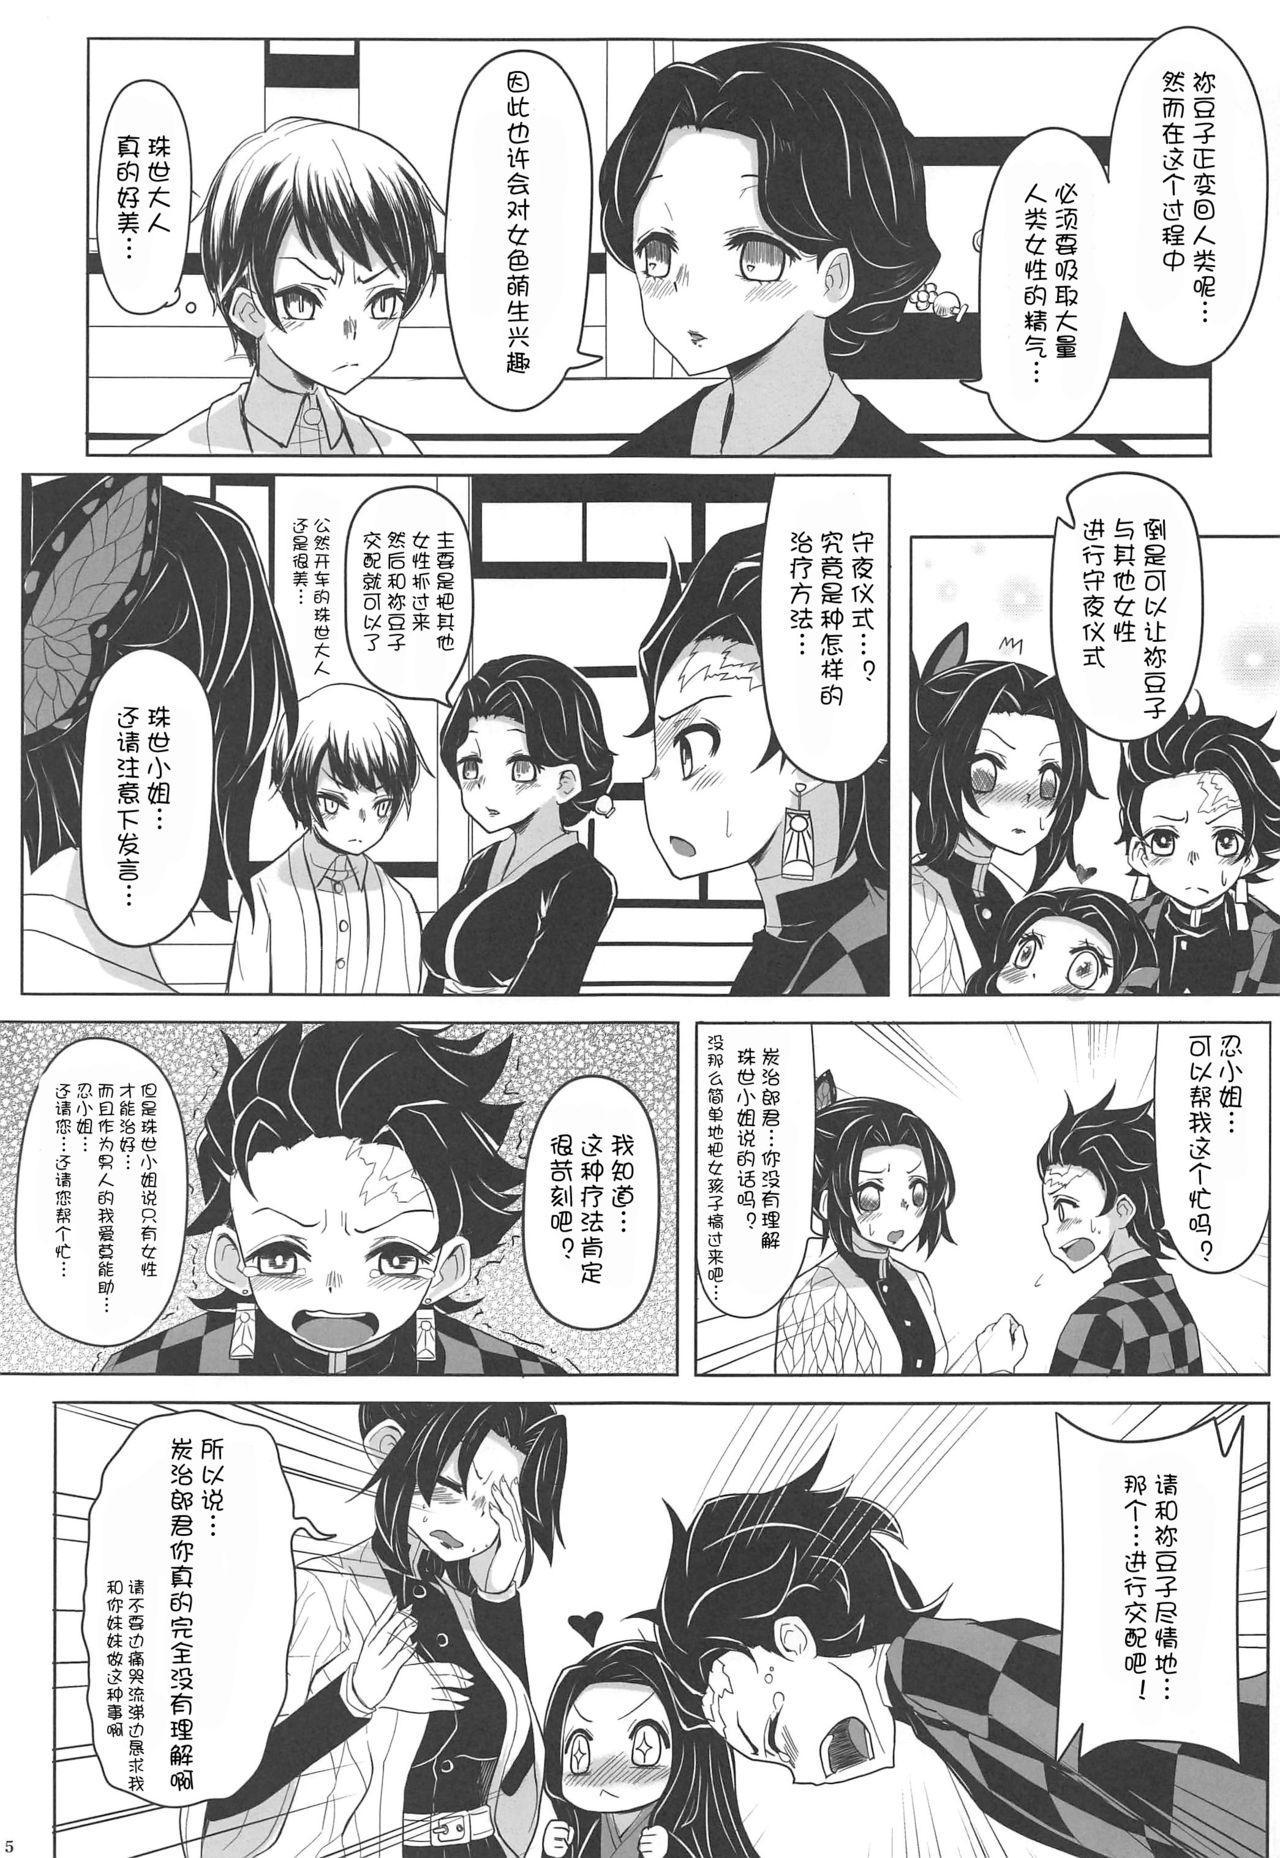 Saikin, Imouto no Yousu ga Chotto Okashiin daga. 6